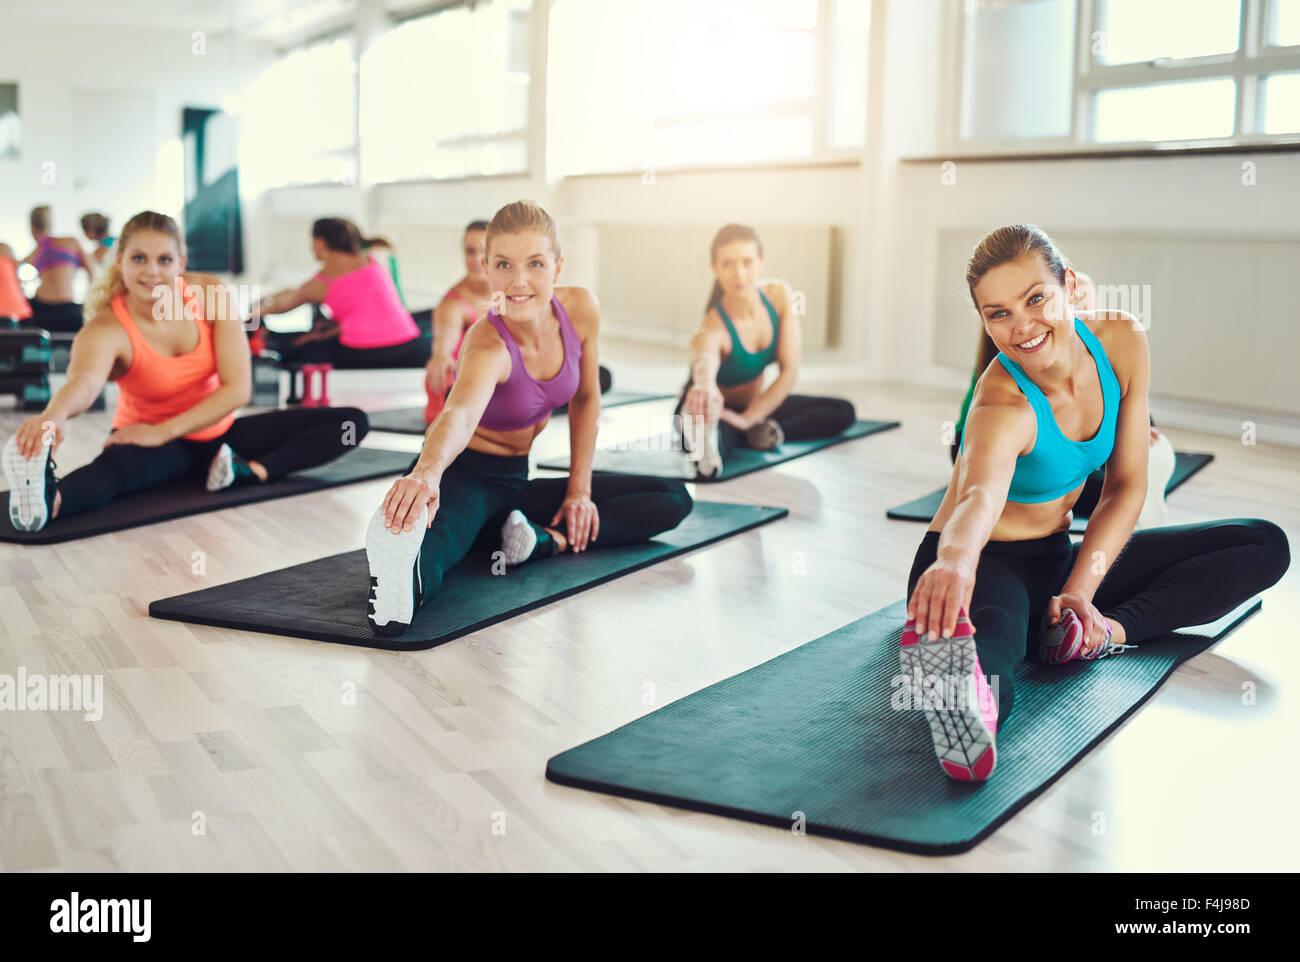 Un gruppo di giovani donne in classi di aerobica presso la palestra facendo esercizi di stretching per tonificare Immagini Stock